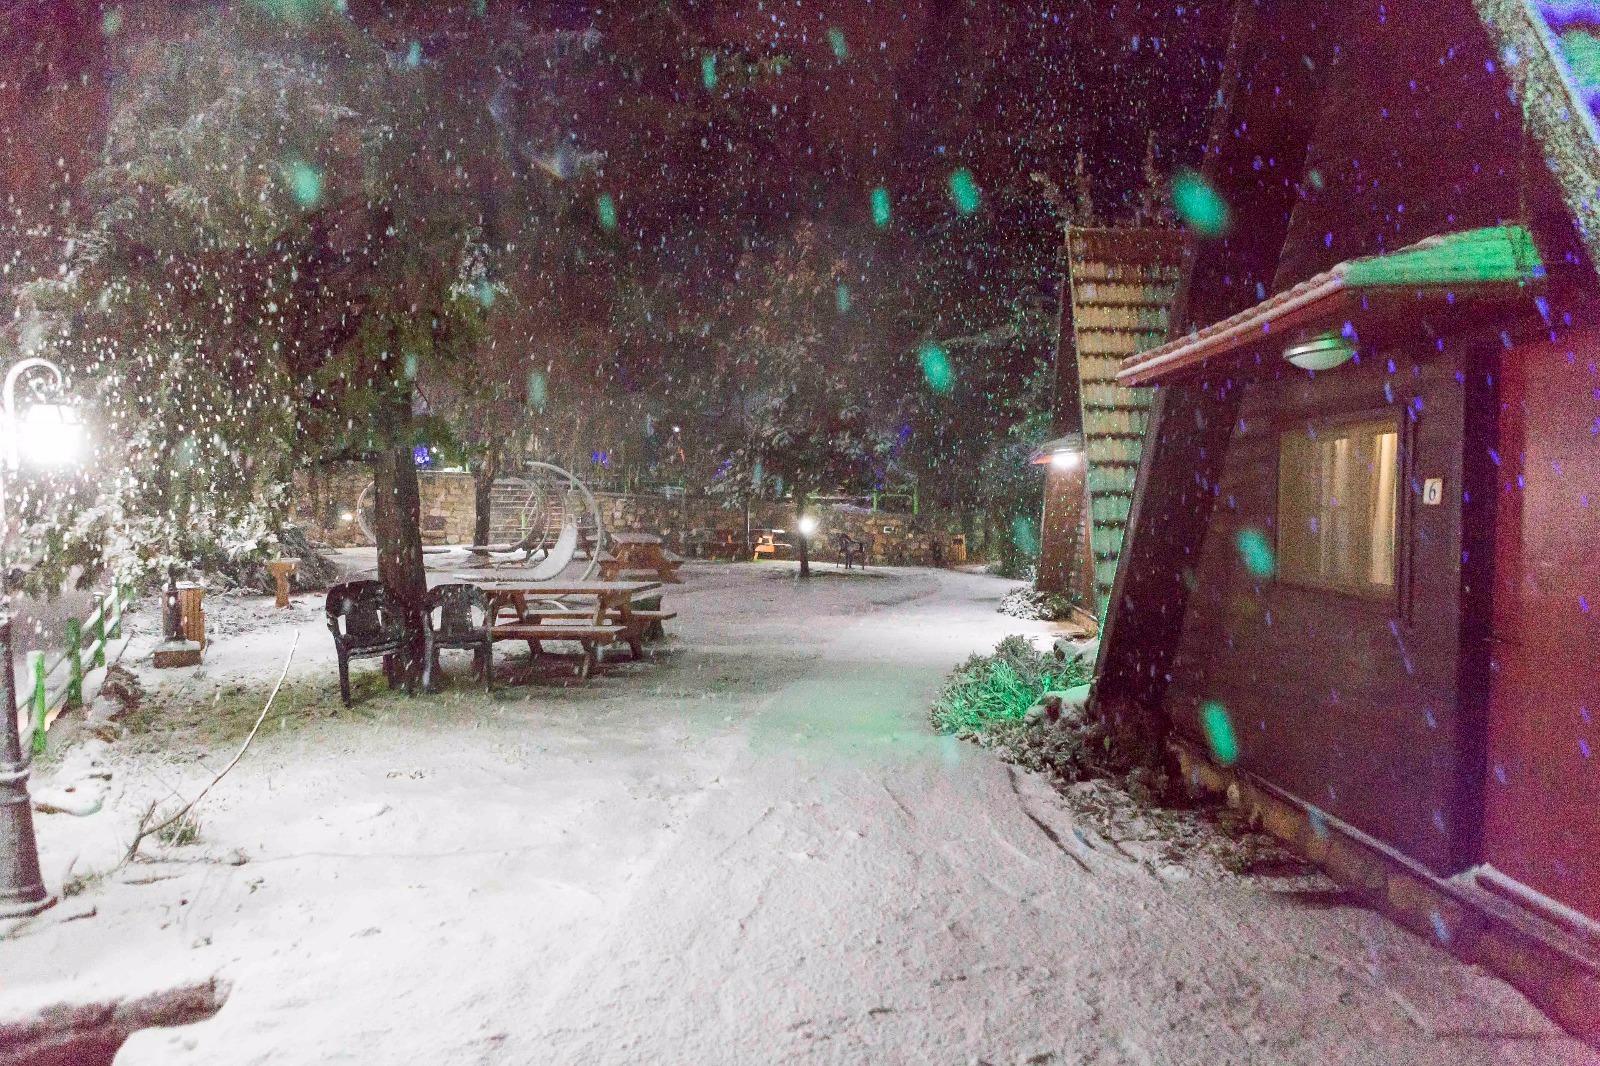 שלג בכפר הנופש רימונים נווה אטיב - 25.1.16 - צלם בן פרידמן  (20)